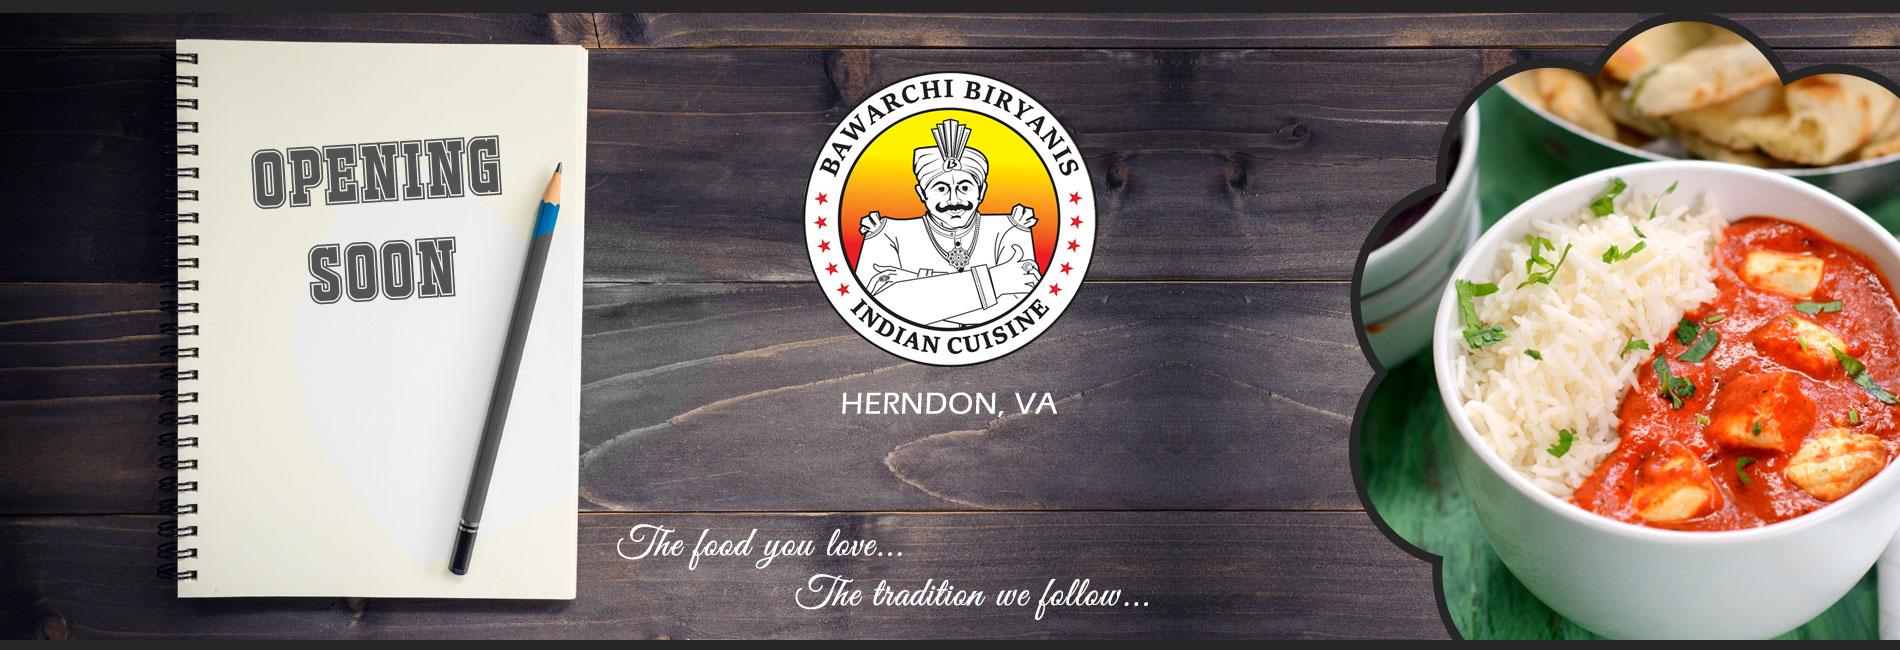 Bawarchi Herndon, VA - Opening Soon